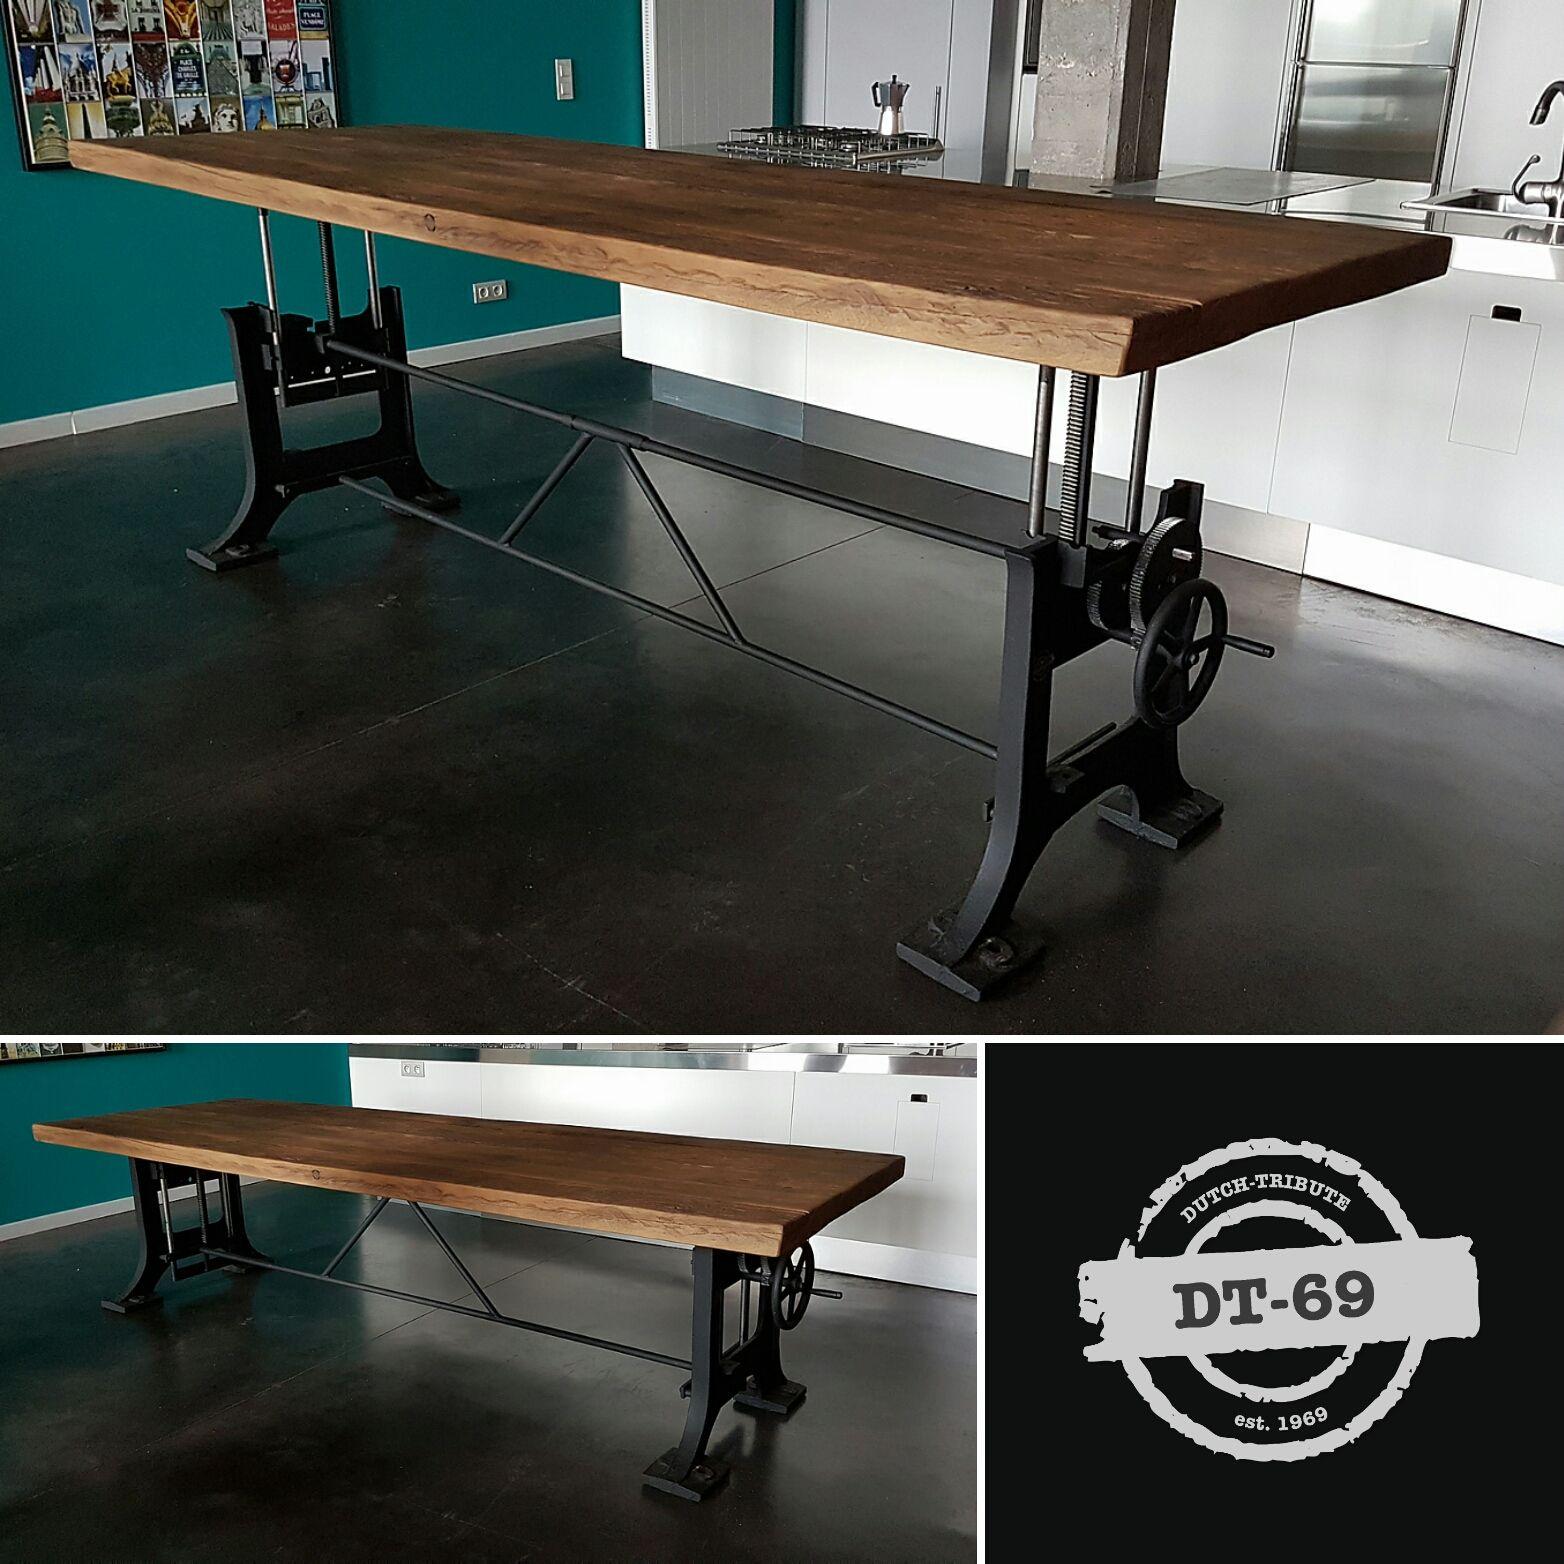 Dieser Industrie Design Tisch Ist Hohenverstellbar Und Ist Hergestellt Aus Einem Paar Alten Gusseisen B Design Tisch Tisch Hohenverstellbar Verstellbarer Tisch